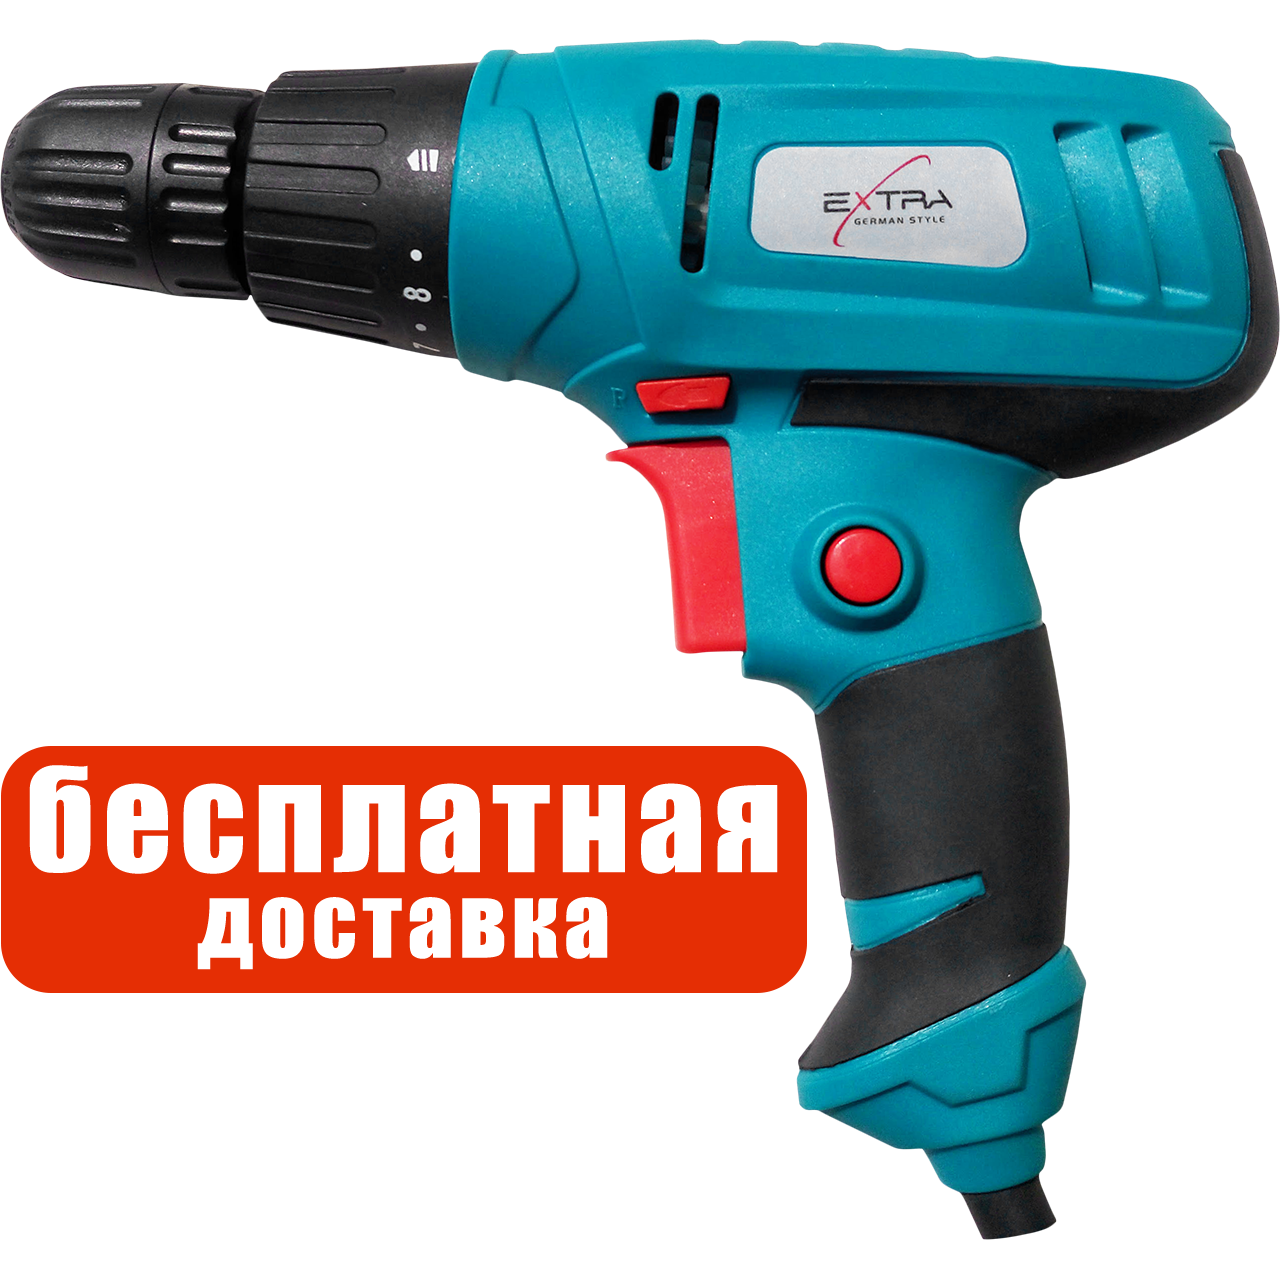 Электрошуруповёрт Extra, 980 Вт, 0-1300 об/мин, патрон 10 мм, EX-8085